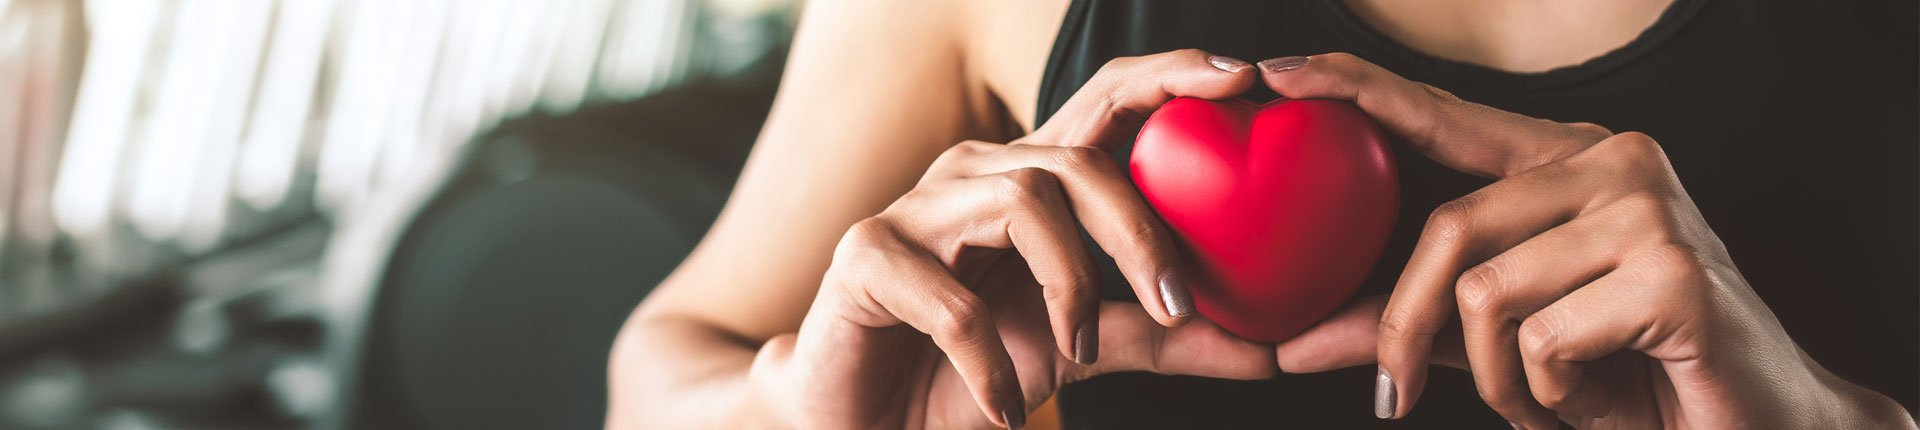 Najlepsze suplementy na układ krążenia - jakie preparaty wspomagające serce wybrać?